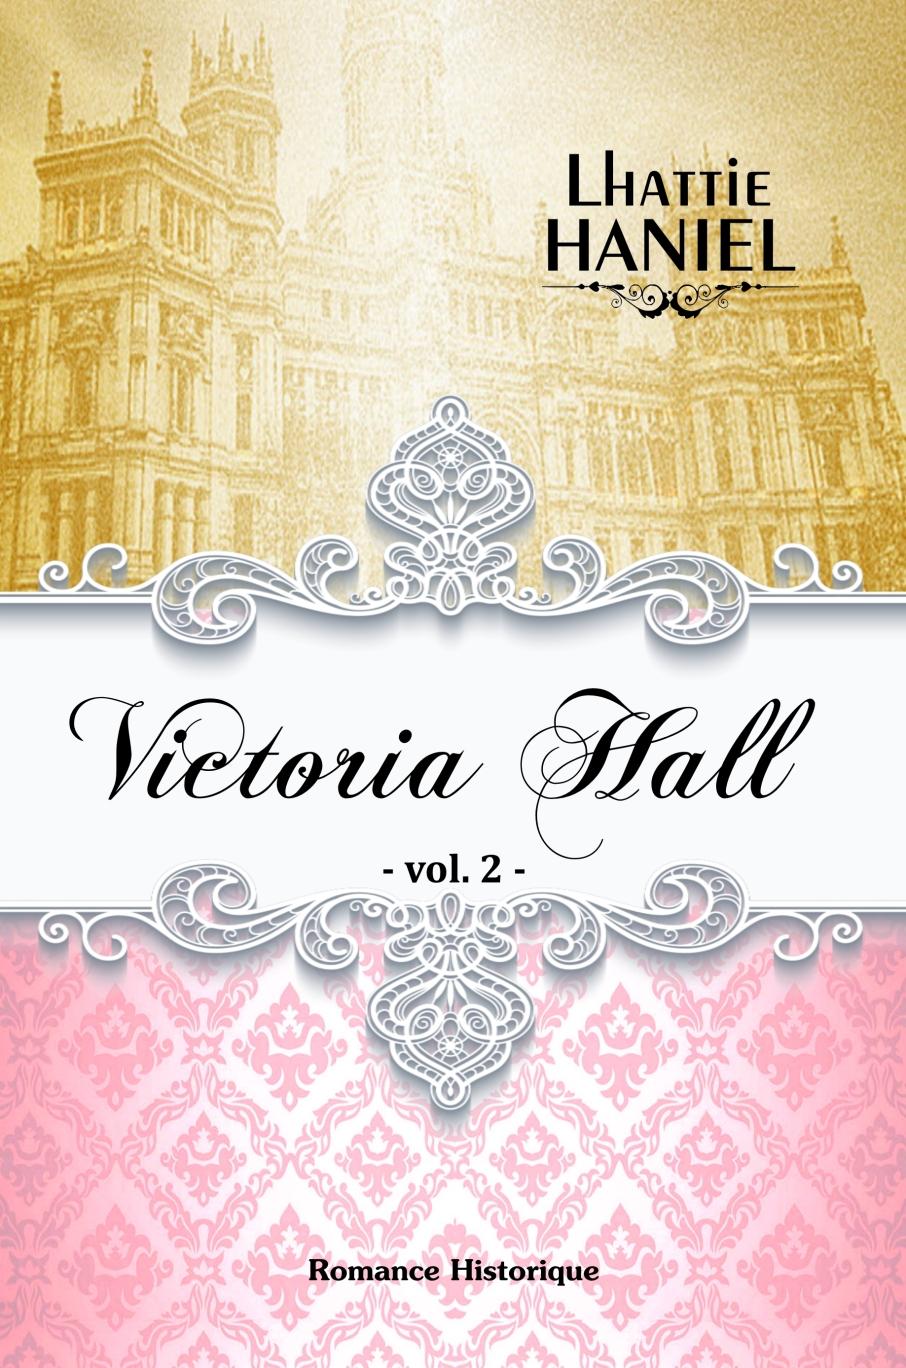 victoria hall vol 2 - kindle 20 novembre 2018 17h04 nouvelle version